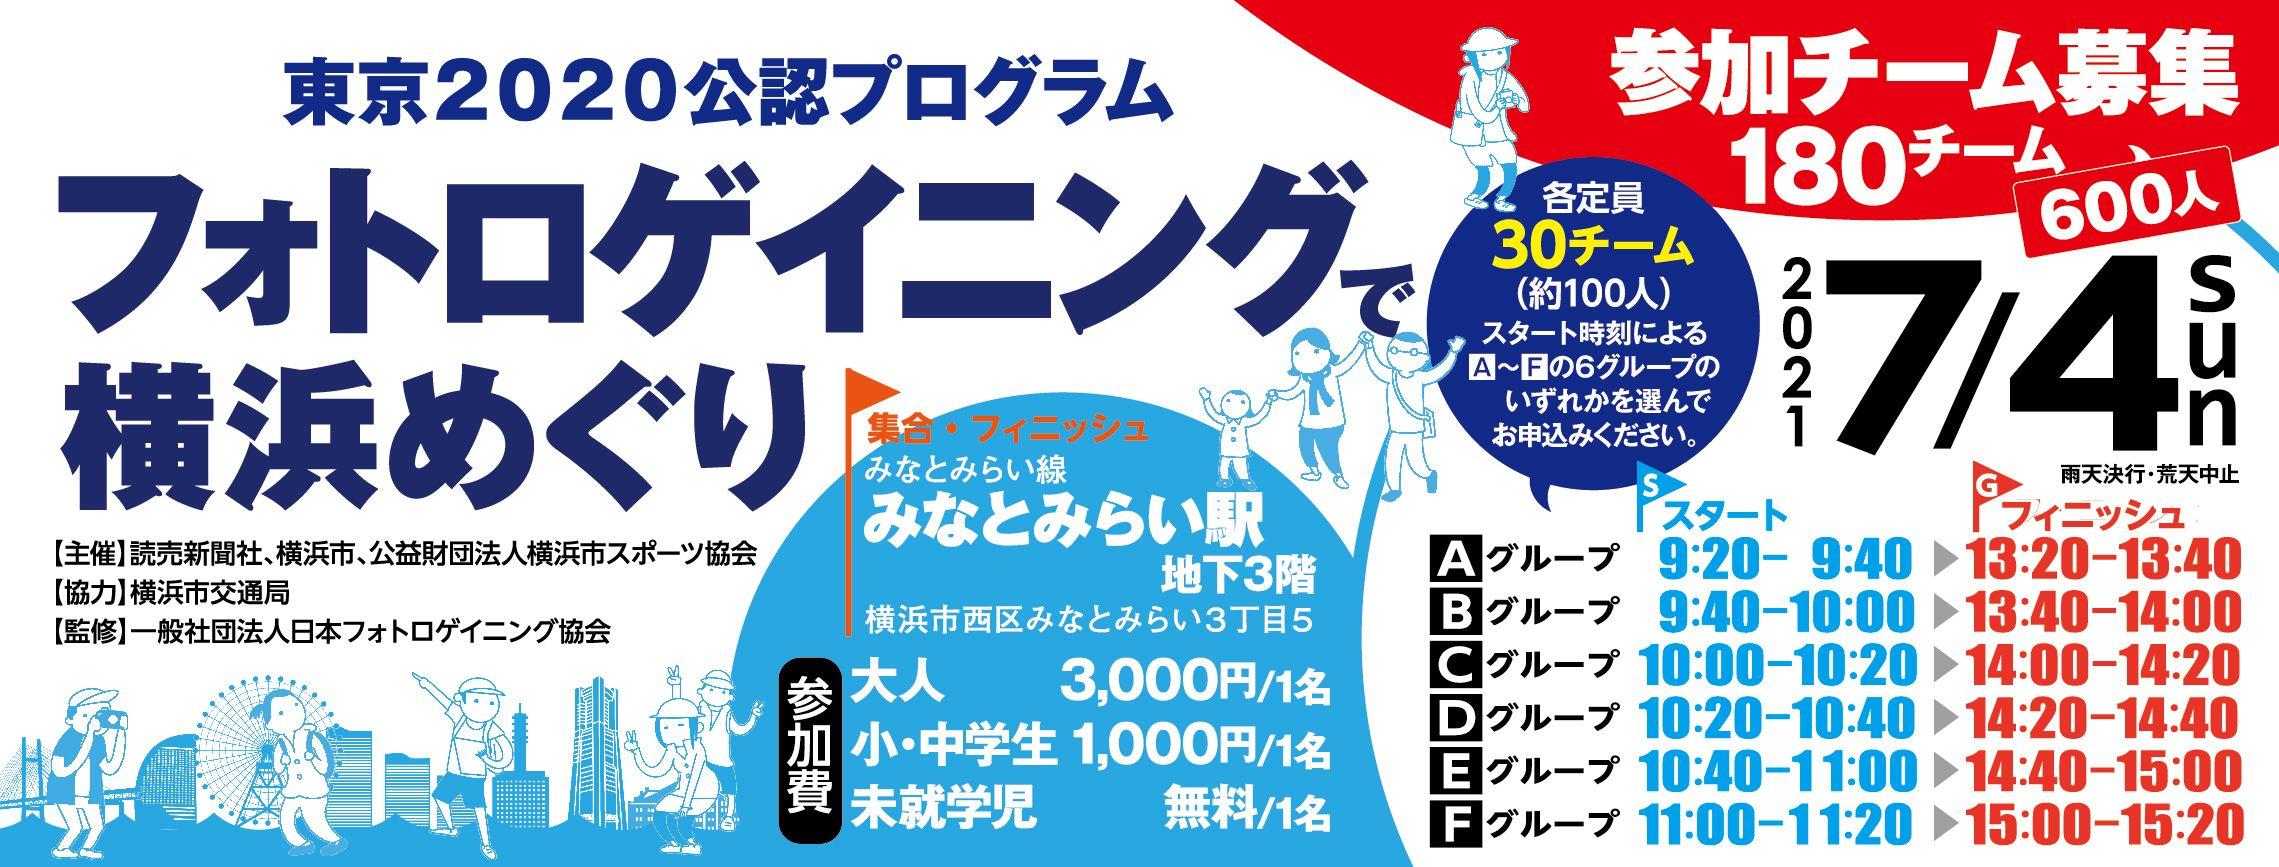 東京 2020 公認プログラム <br>フォトロゲイニングで横浜めぐり<br>~もうすぐ横浜にオリンピックがやってくる!~